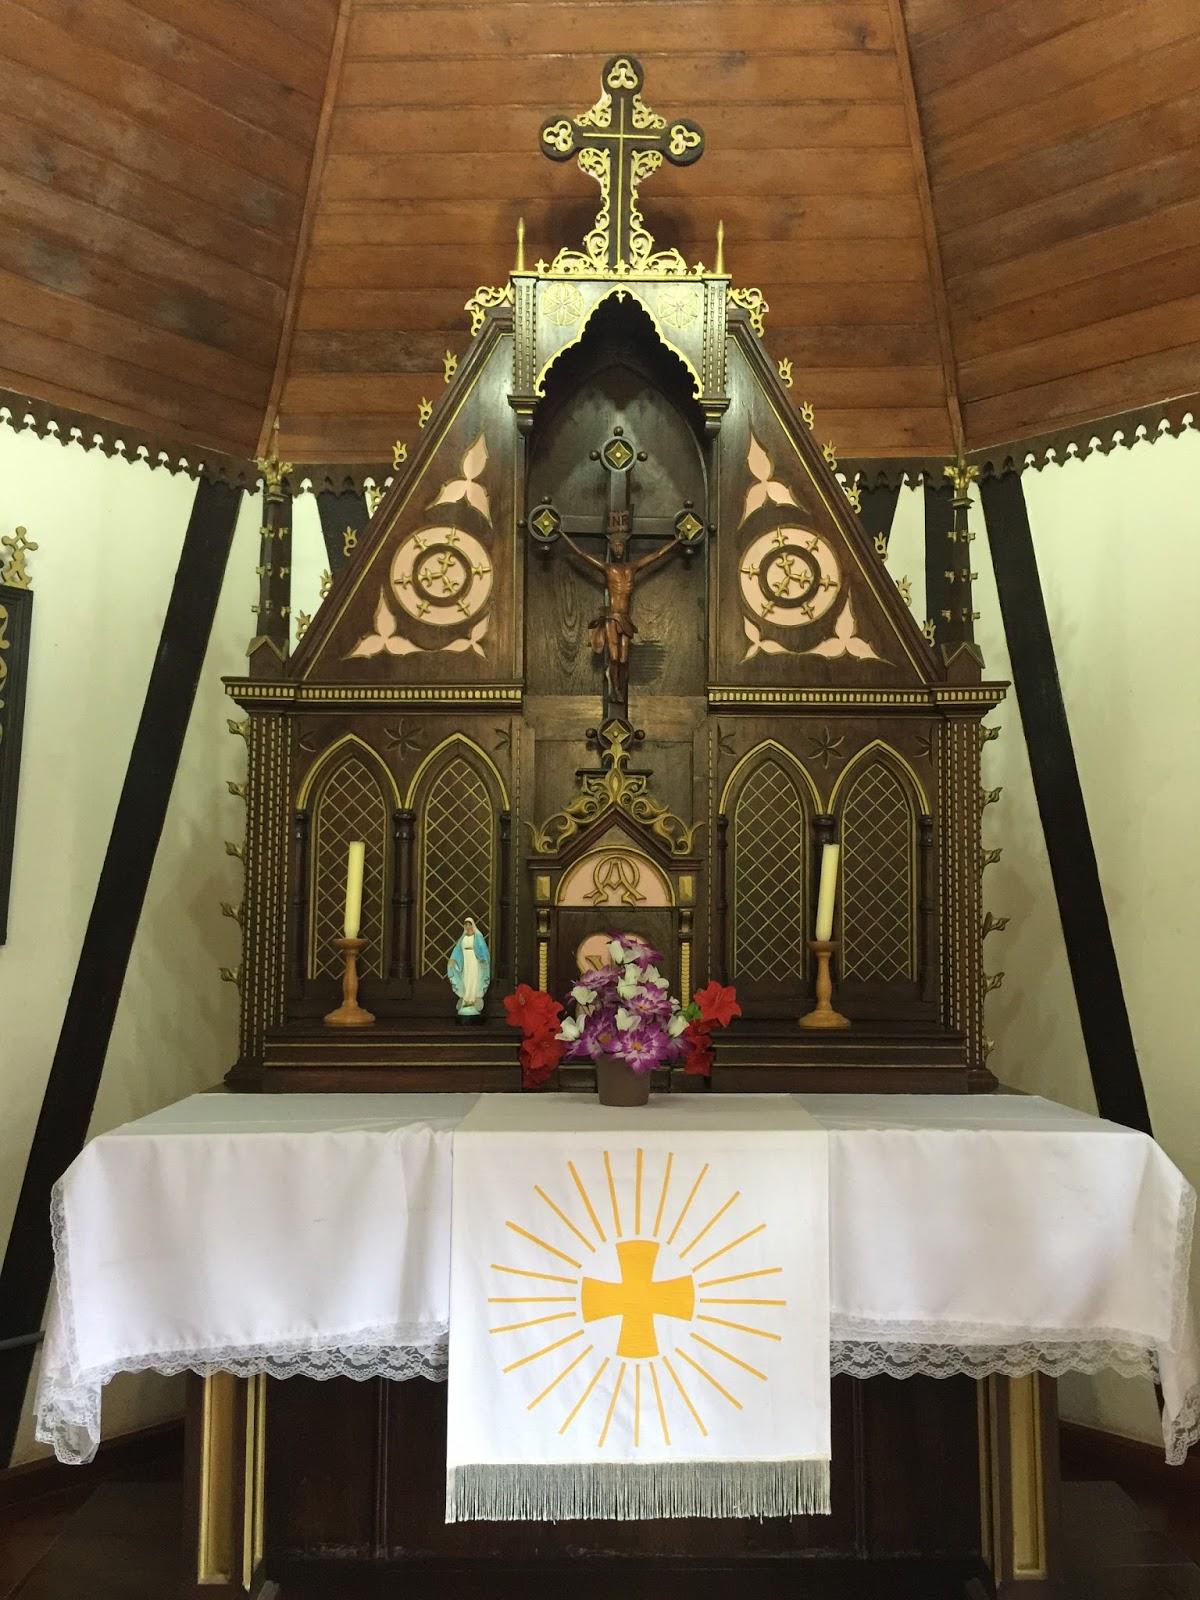 interio da capela na aldeia do imigrante